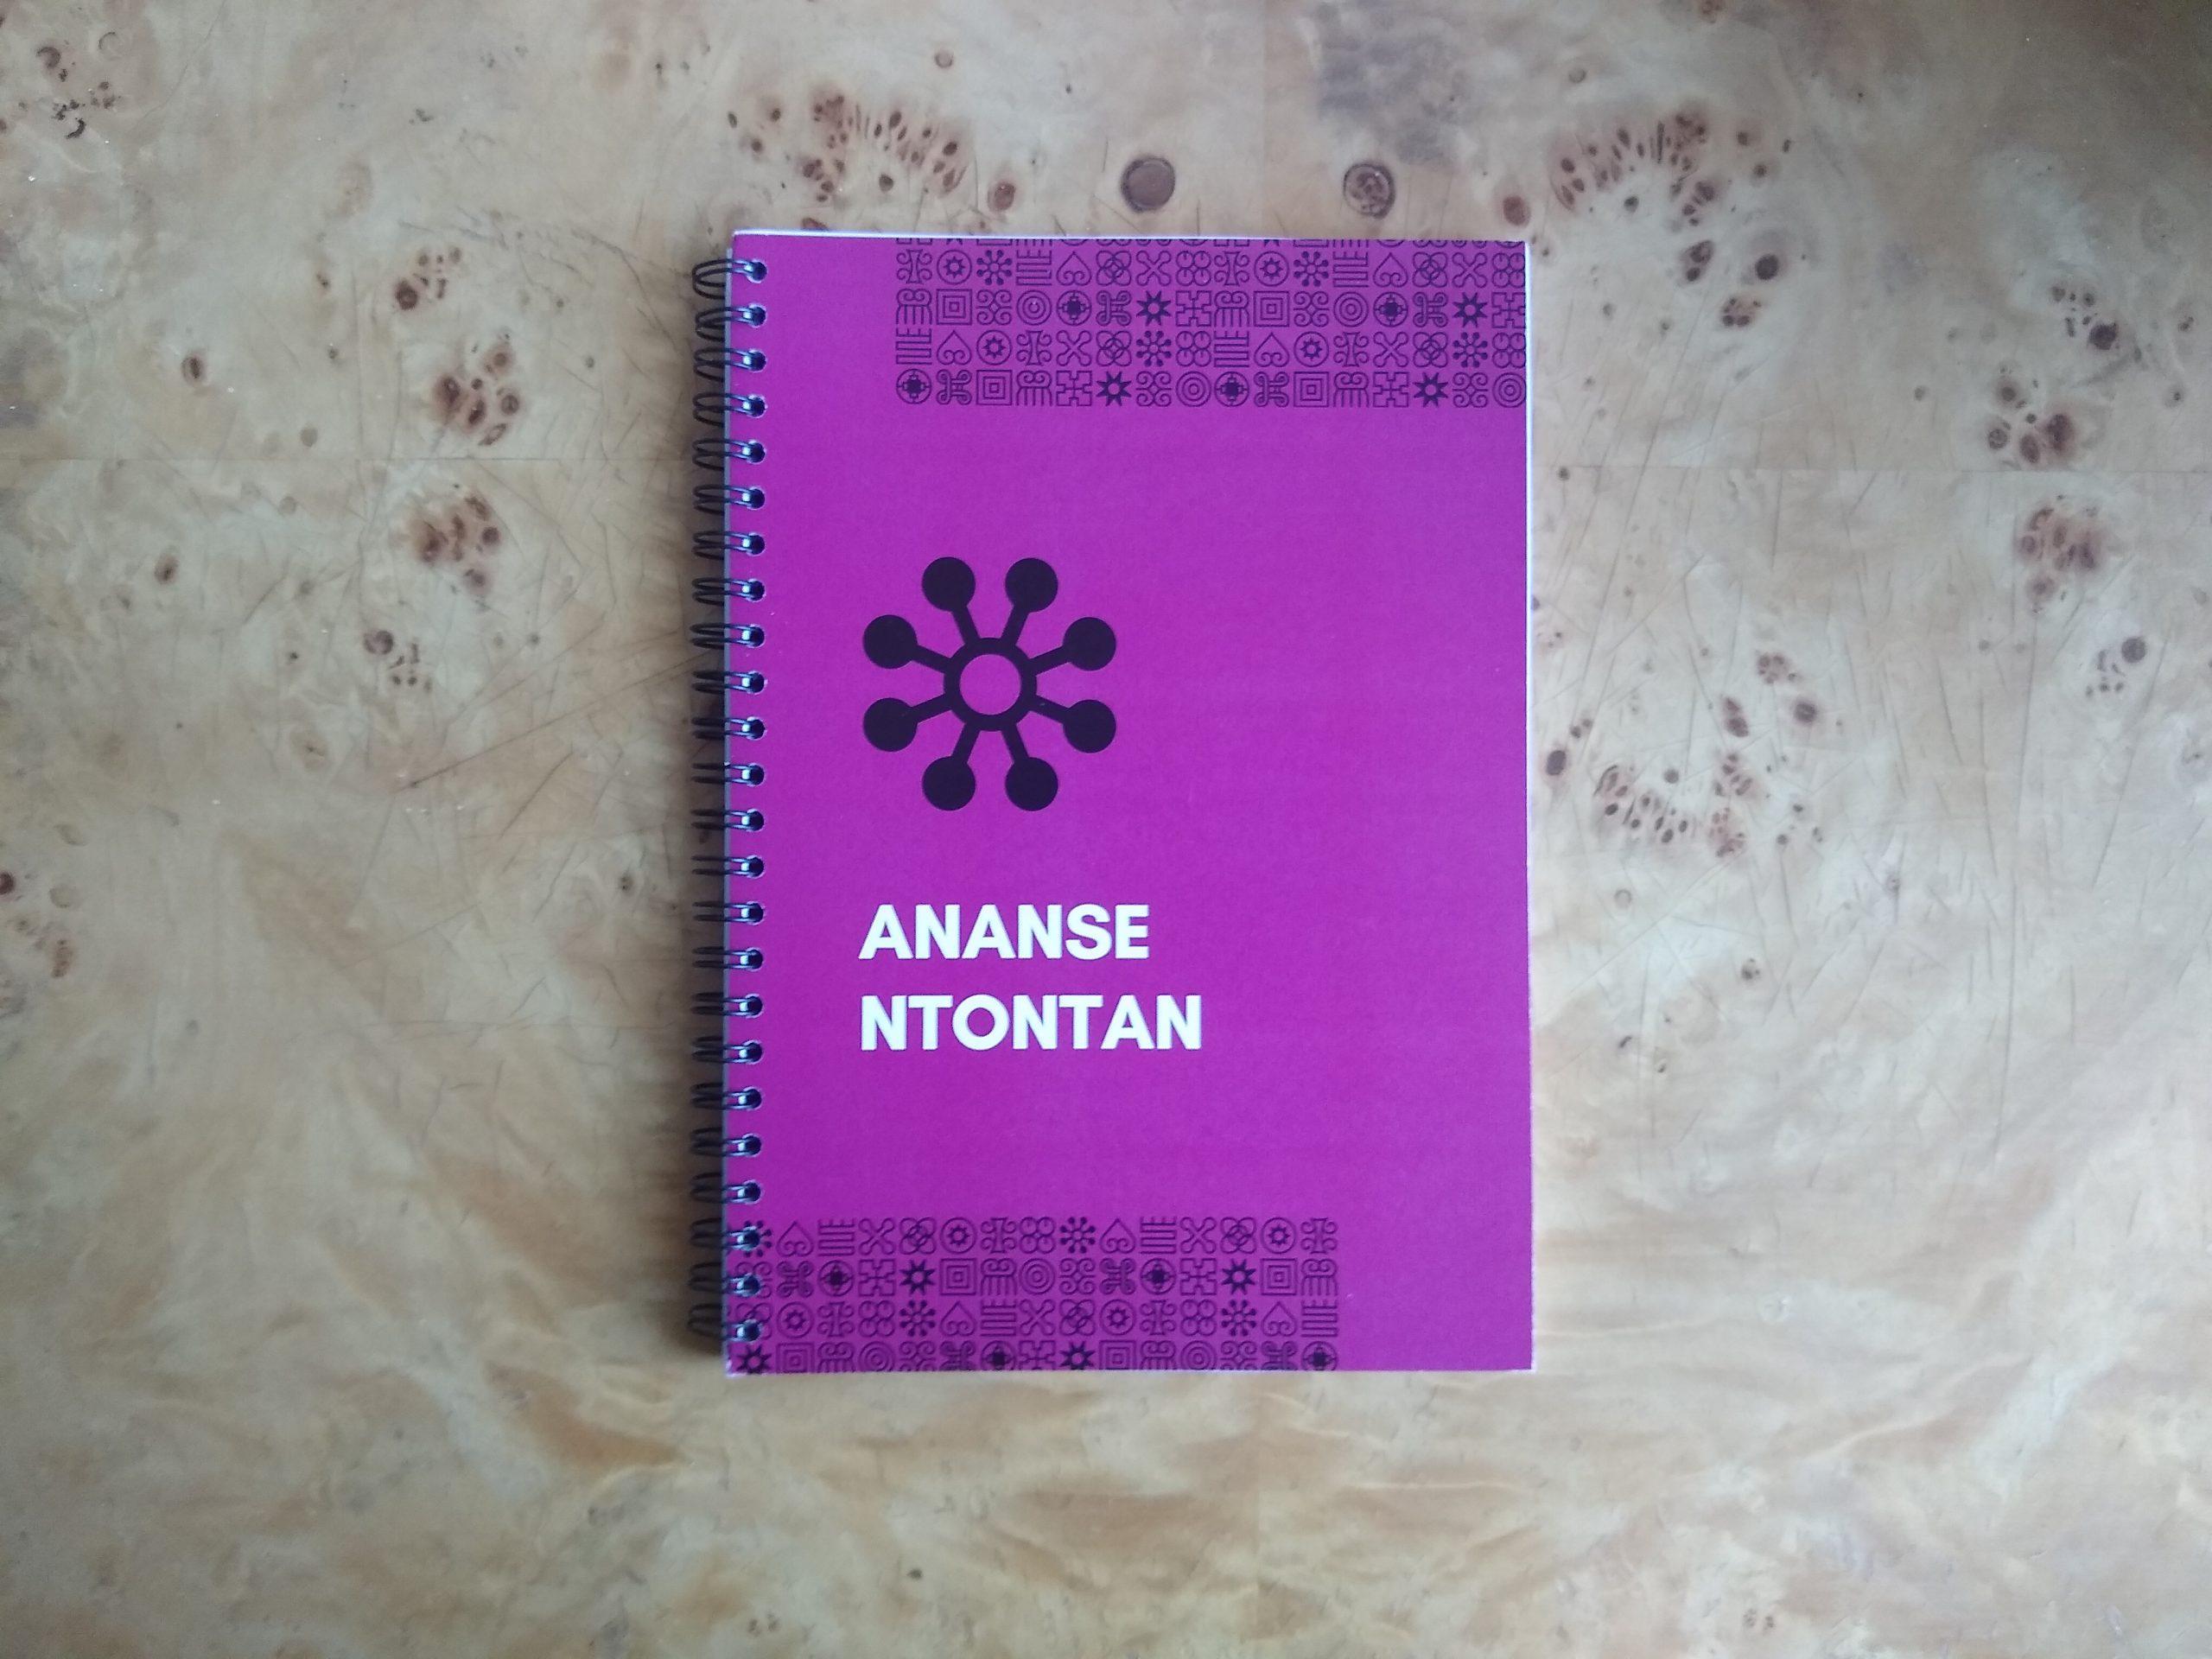 Ananse Ntontan